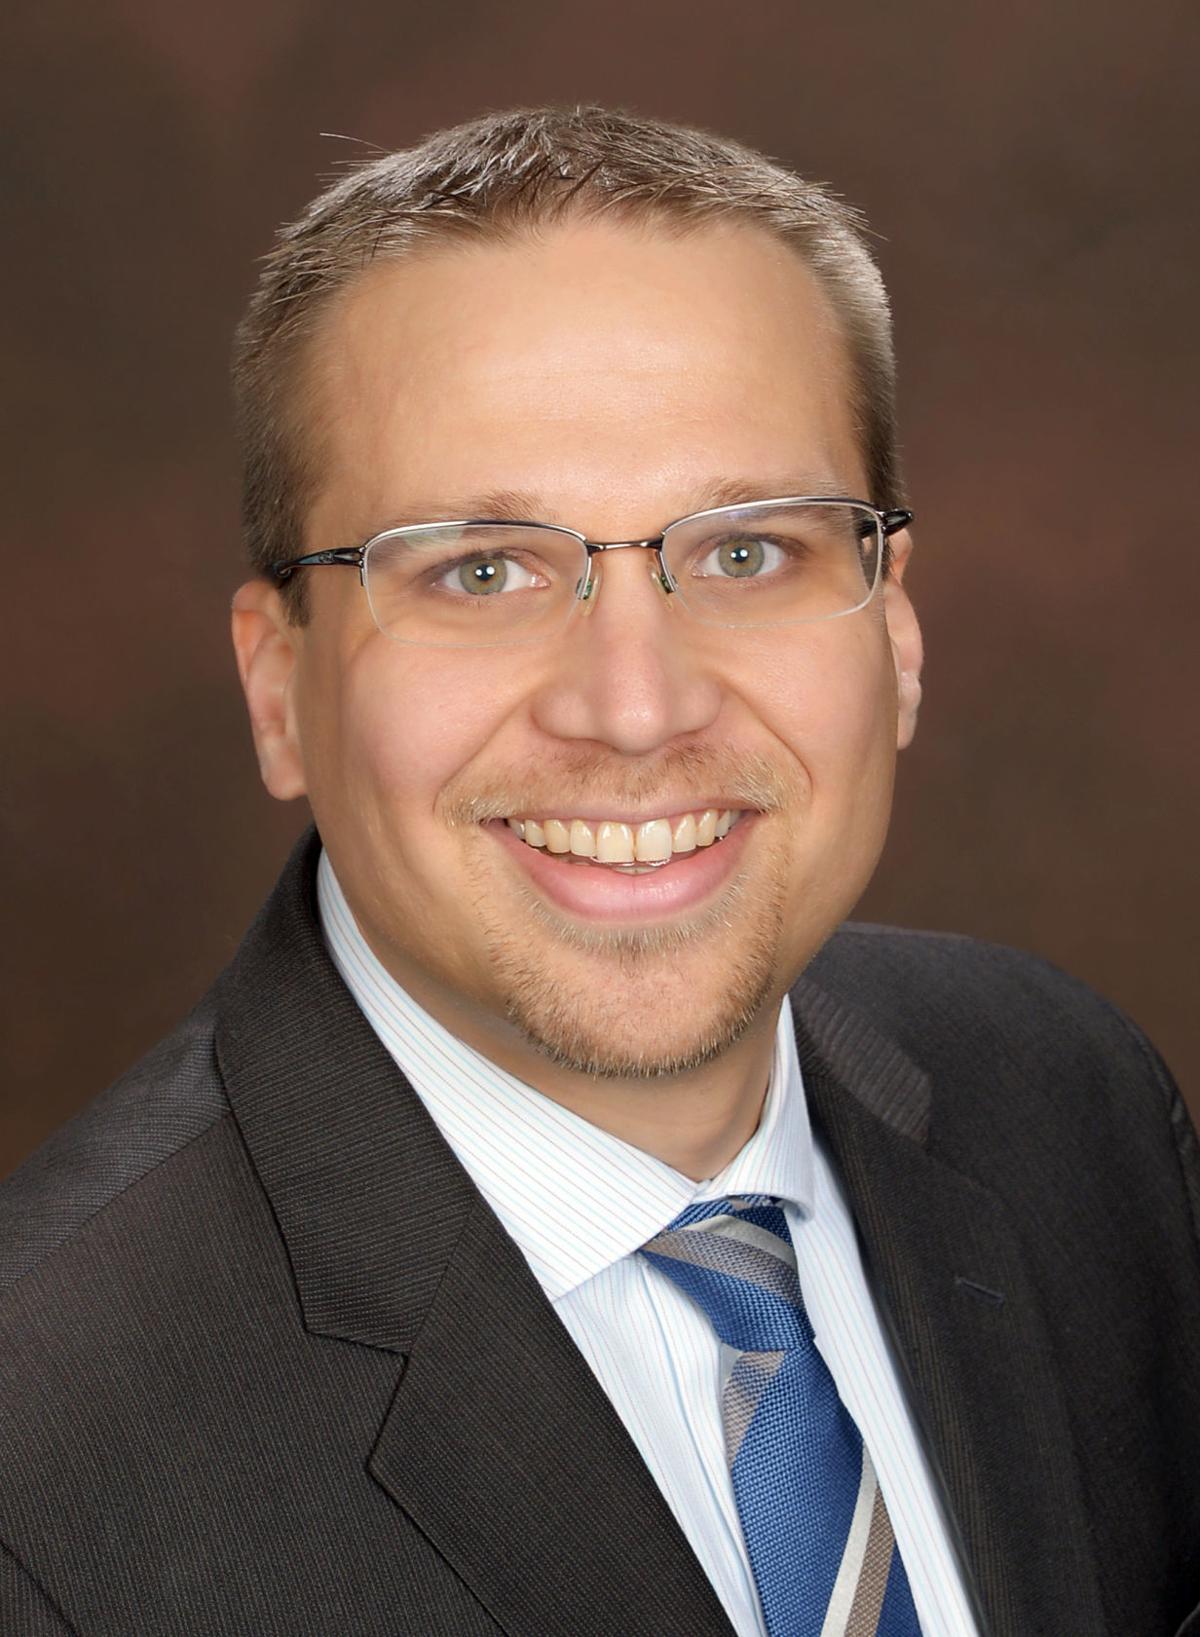 Todd Krysiak